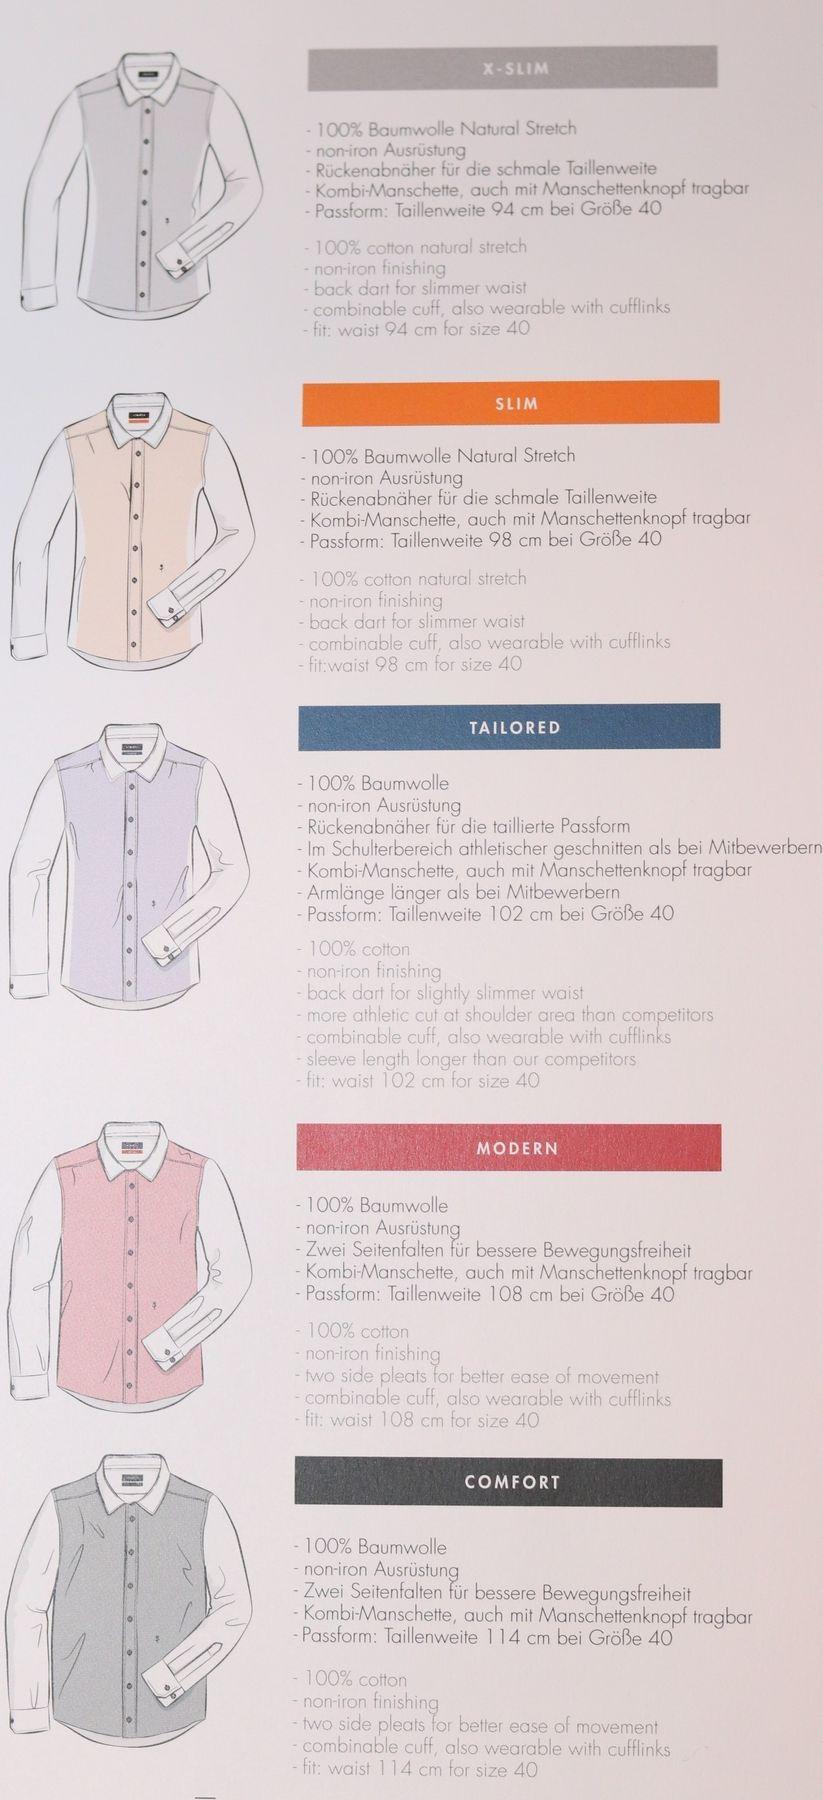 Seidensticker - Herren Hemd, Bügelfrei, Modern, Schwarze Rose mit Kent Kragen in Weiß (01.115950) – Bild 6